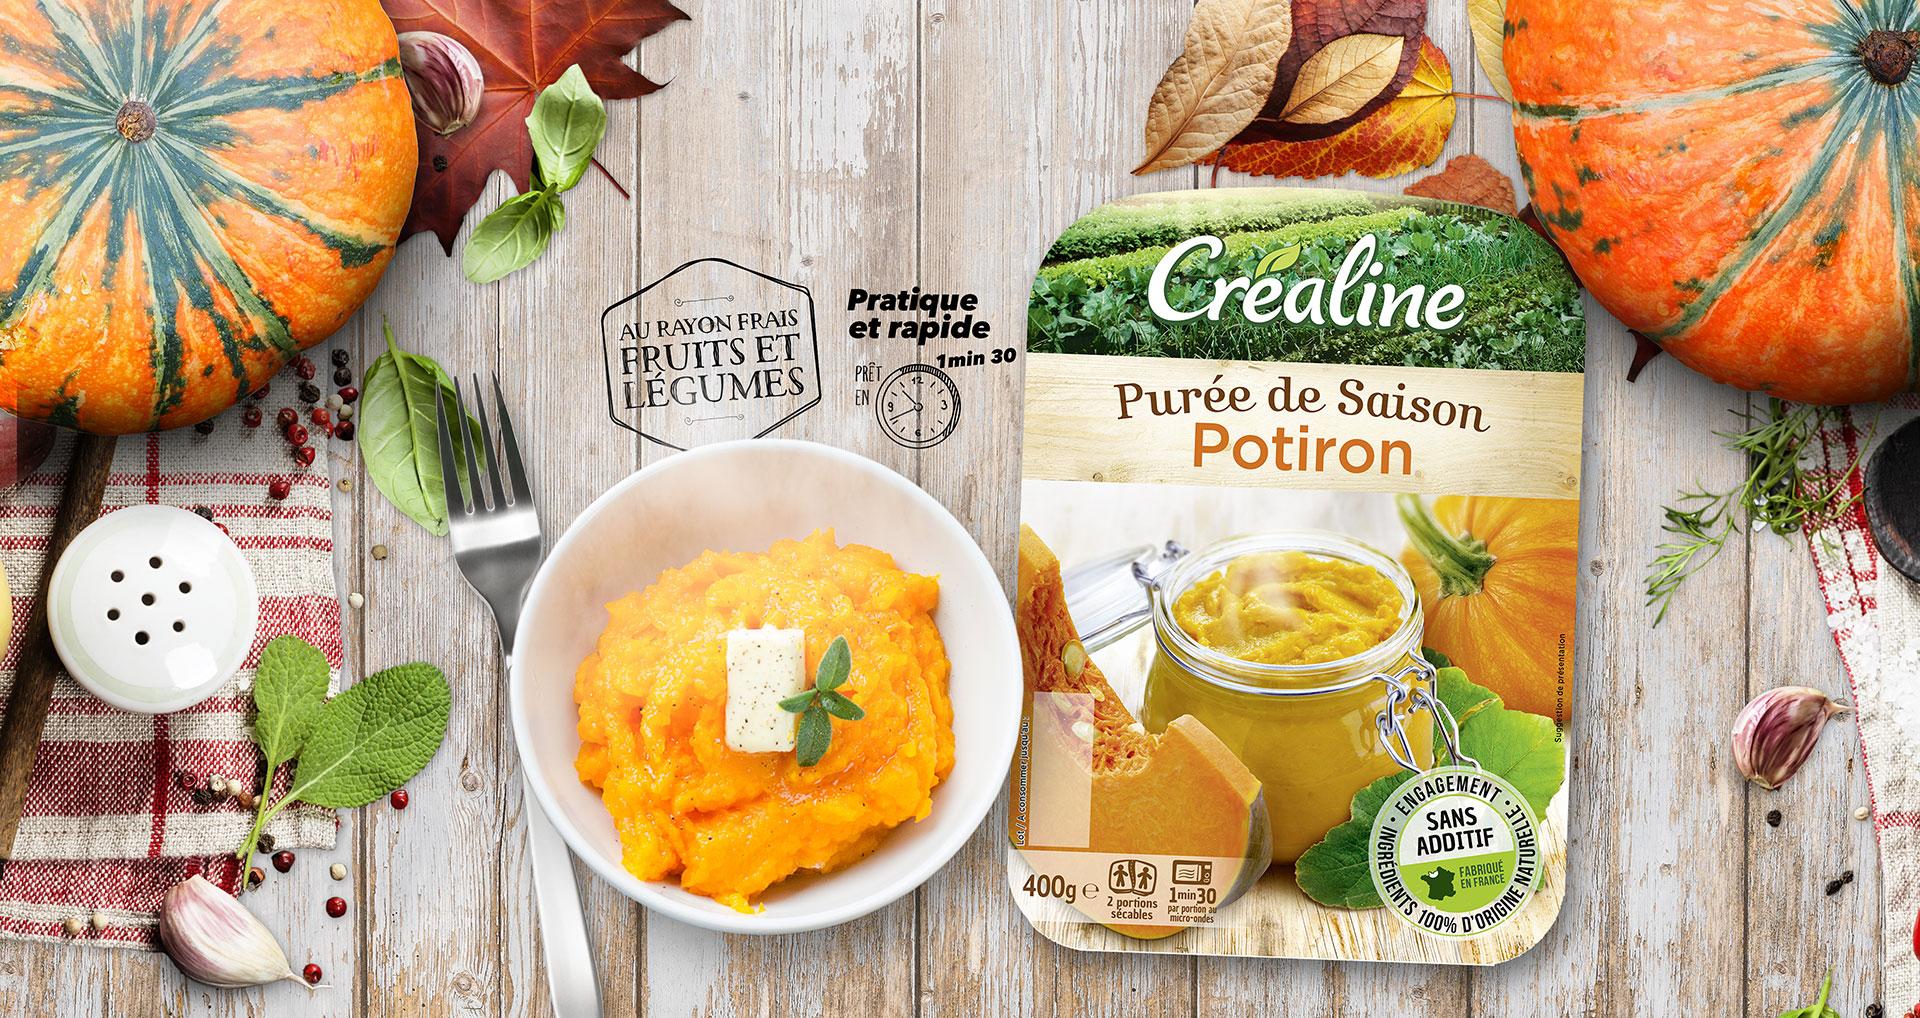 Purée de potiron : une savoureuse purée de saison au rayon frais Créaline